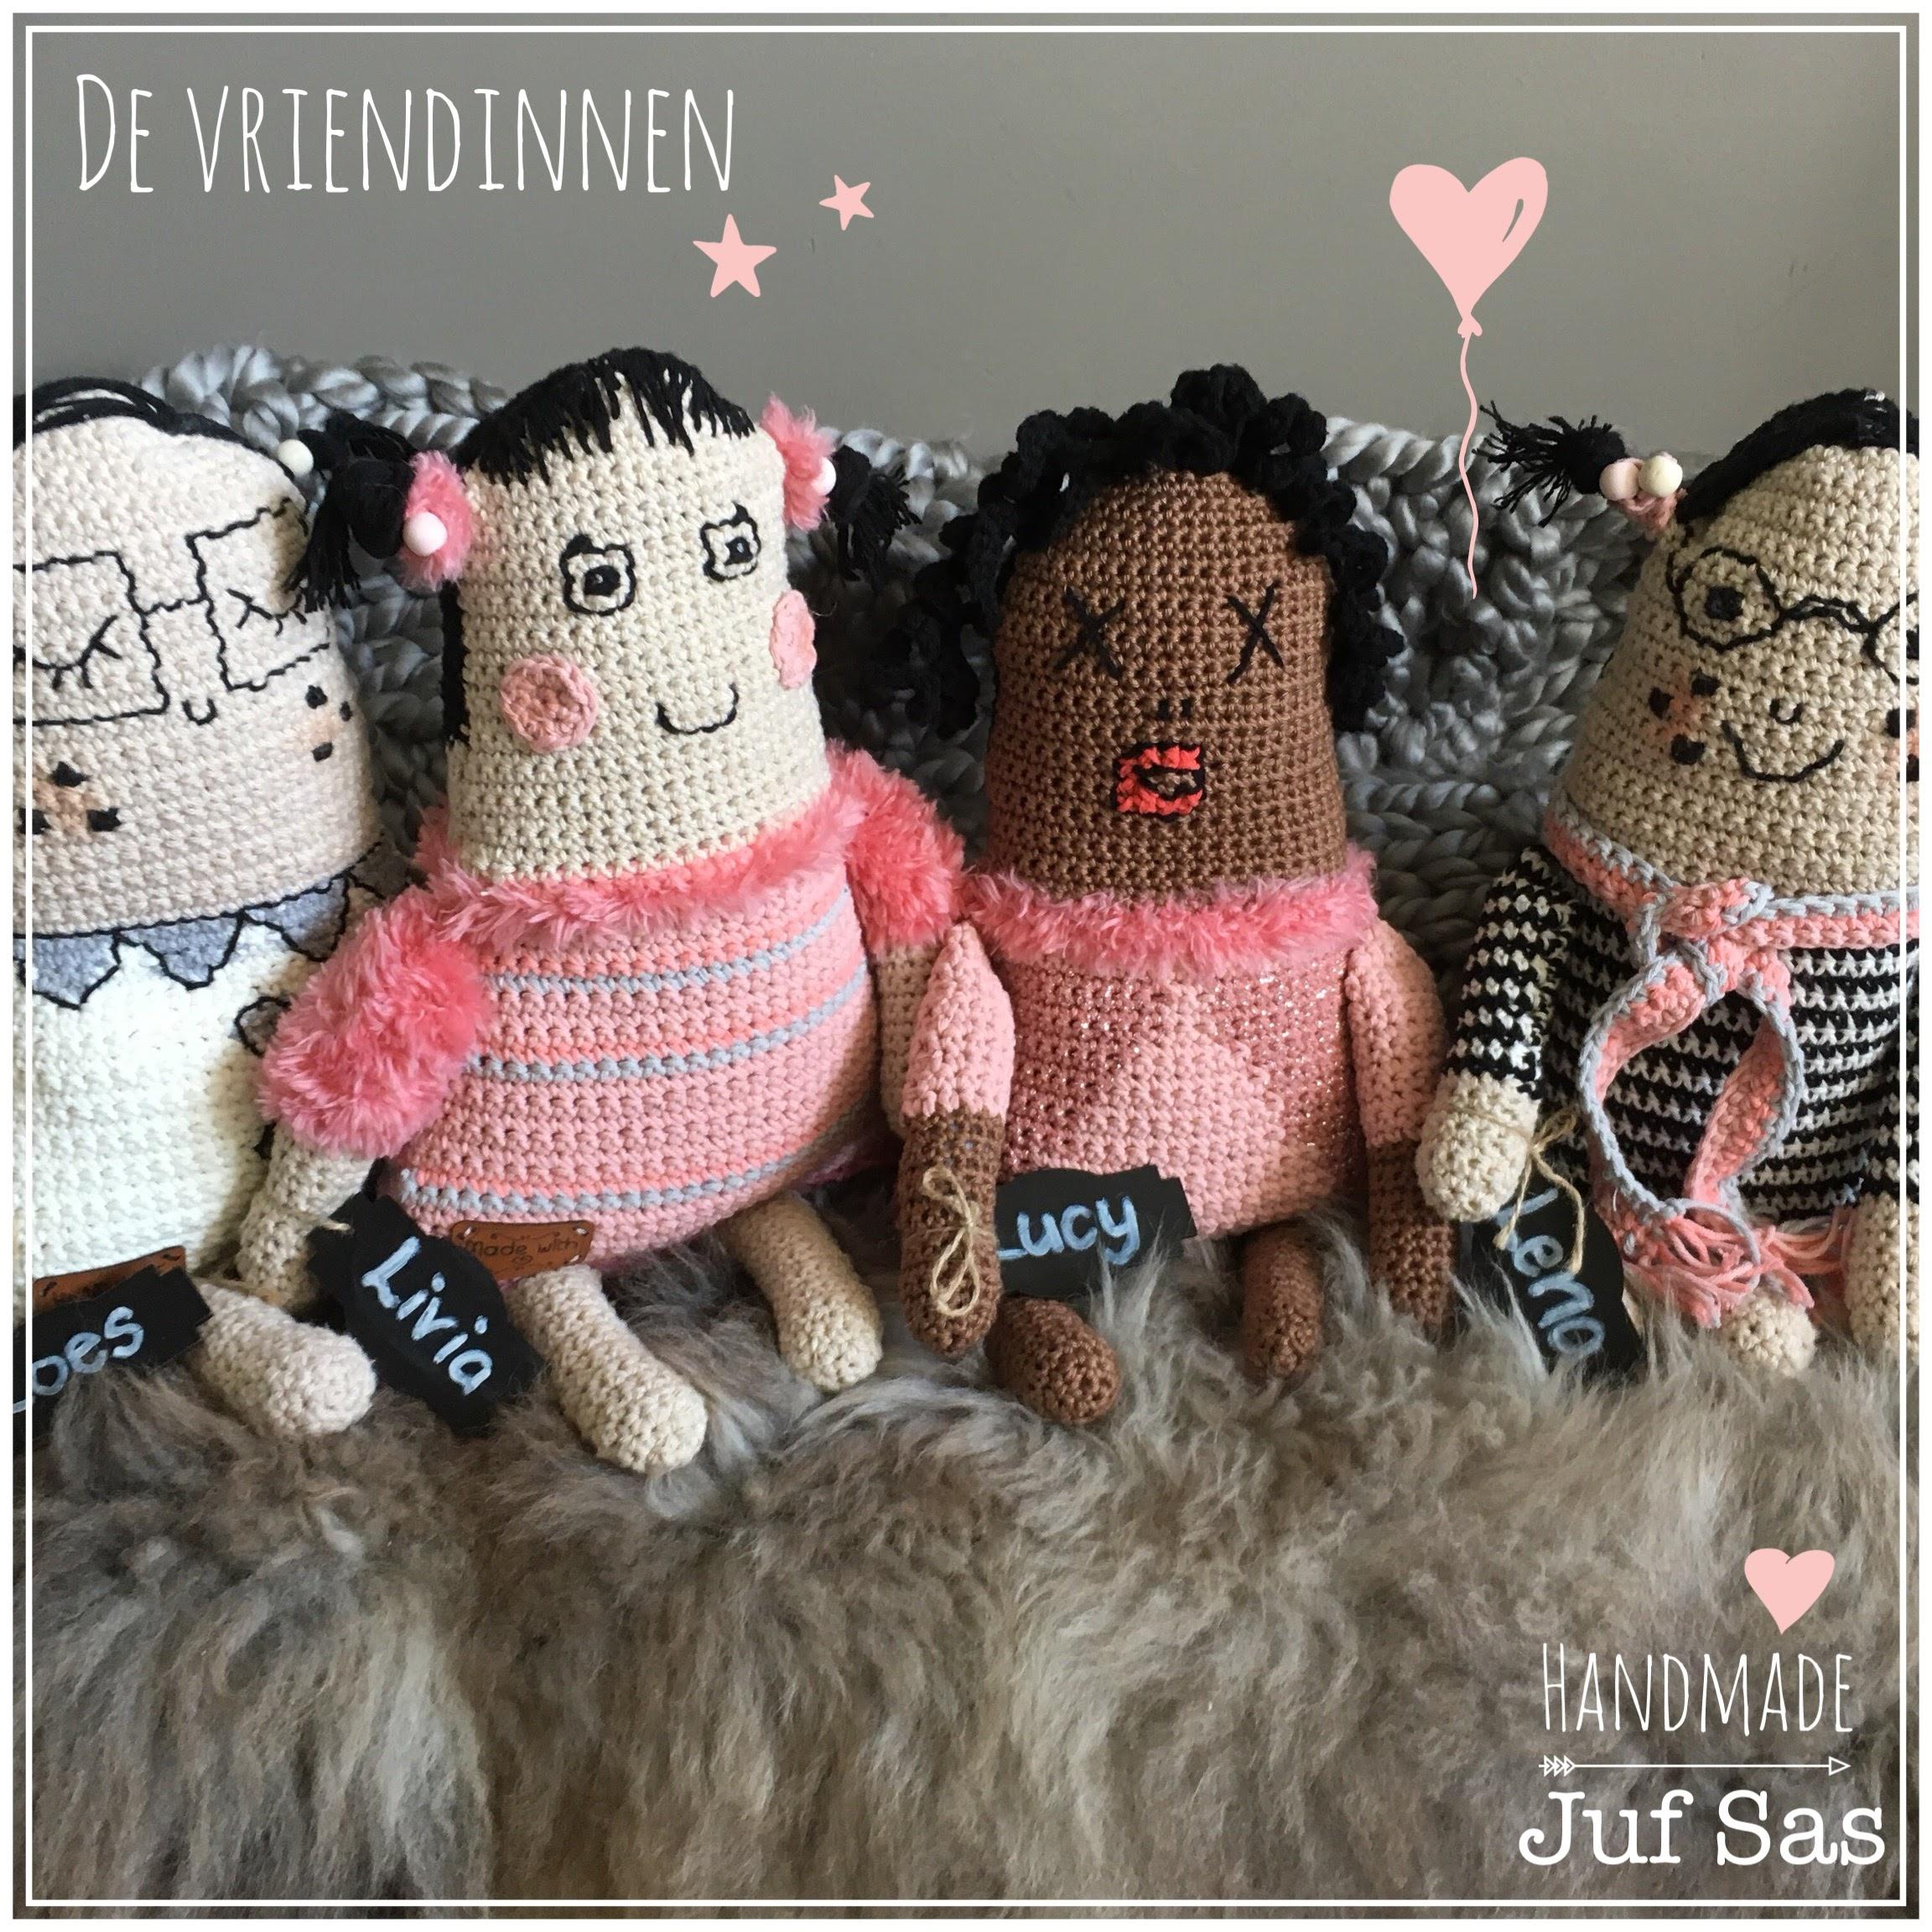 Vier vriendinnen